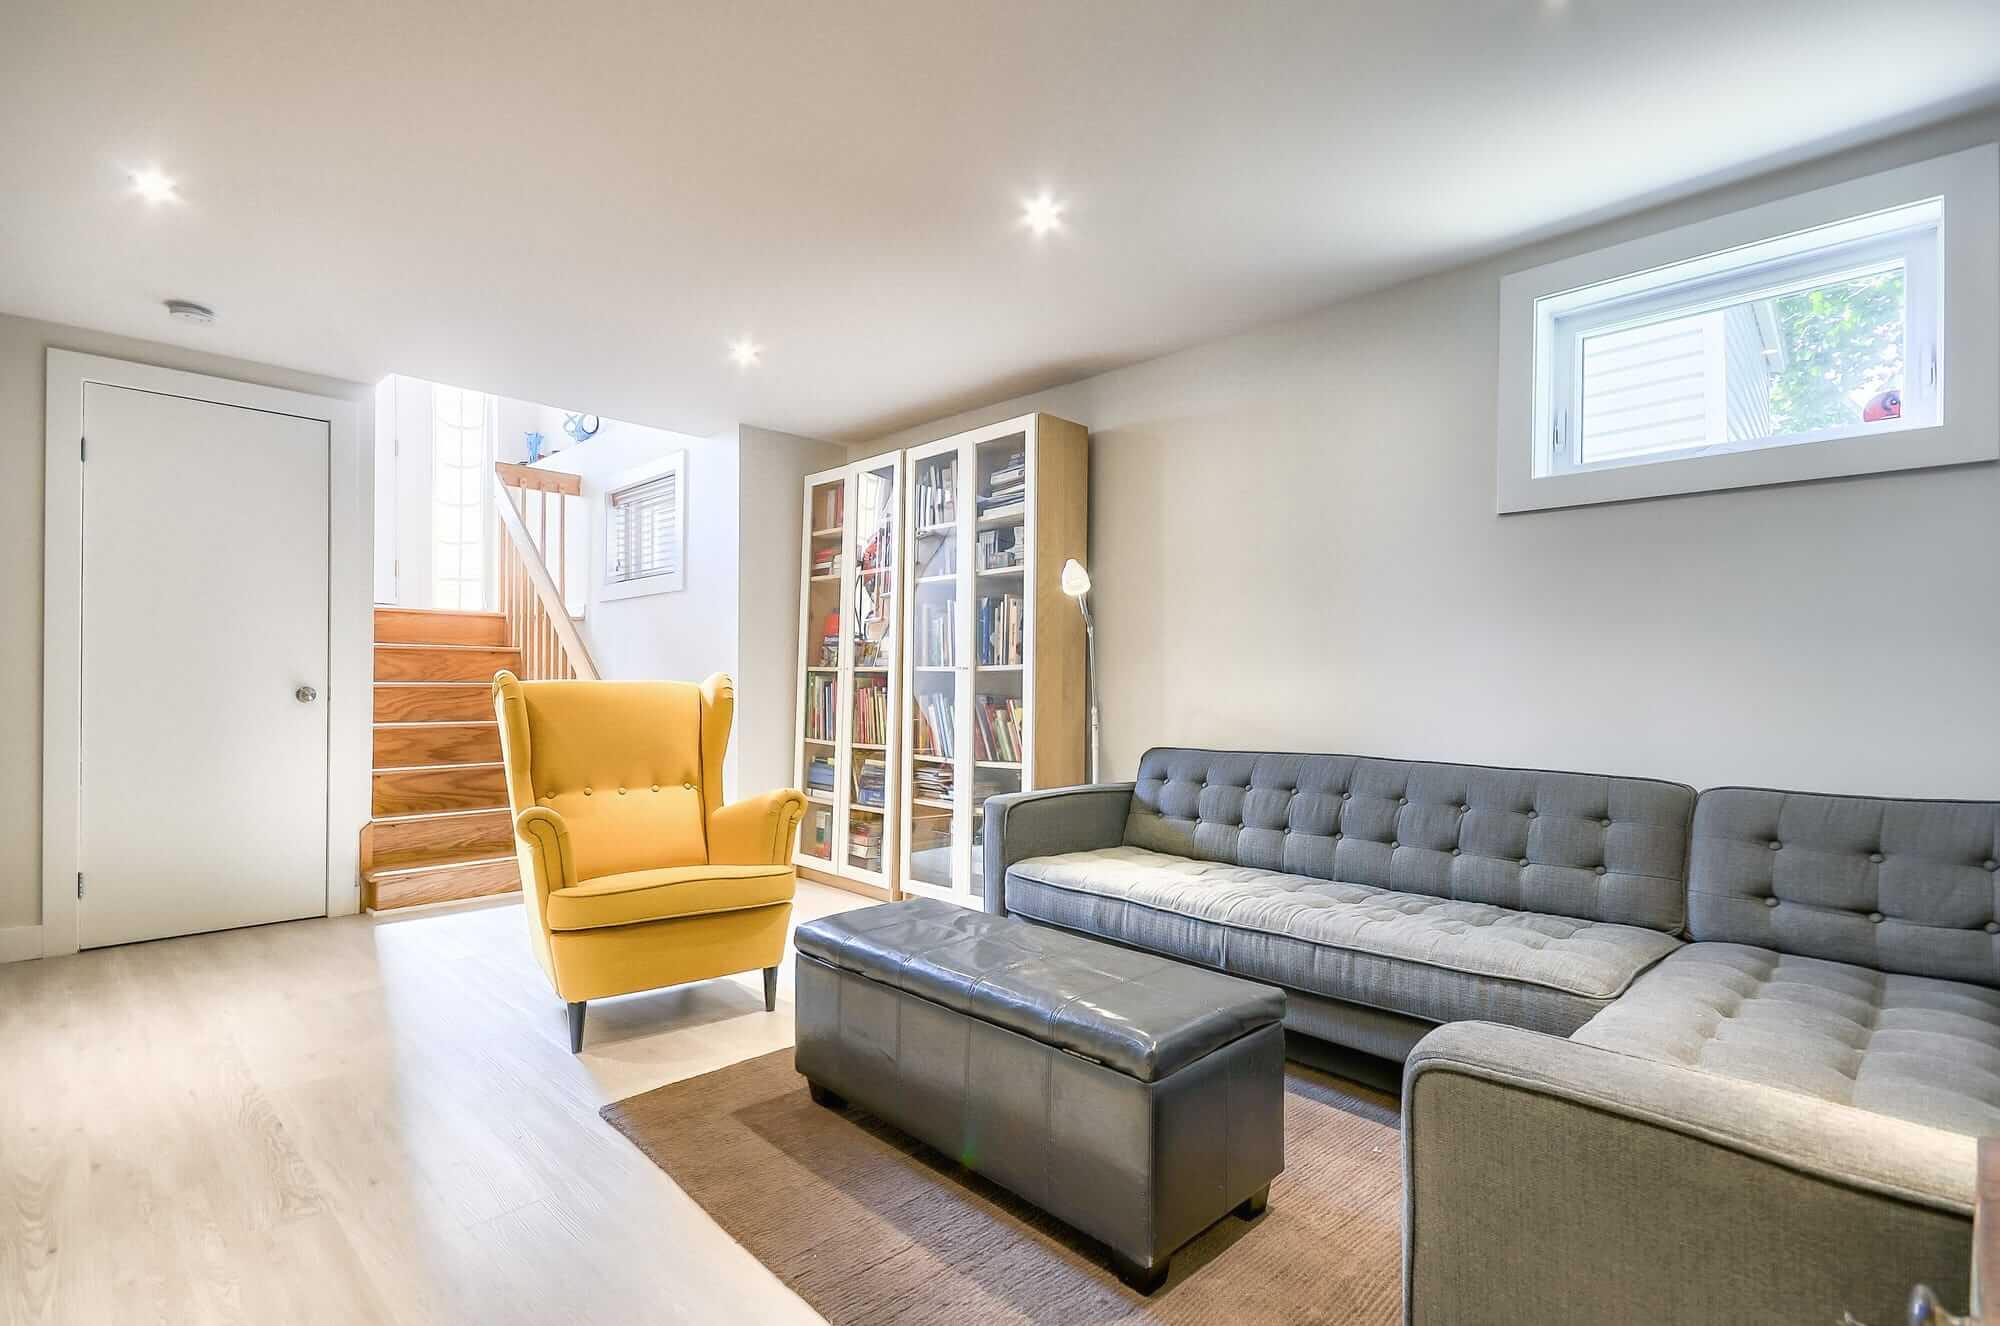 salon au sous-sol avec bibliothèque, fauteuil jaune et divan en L gris